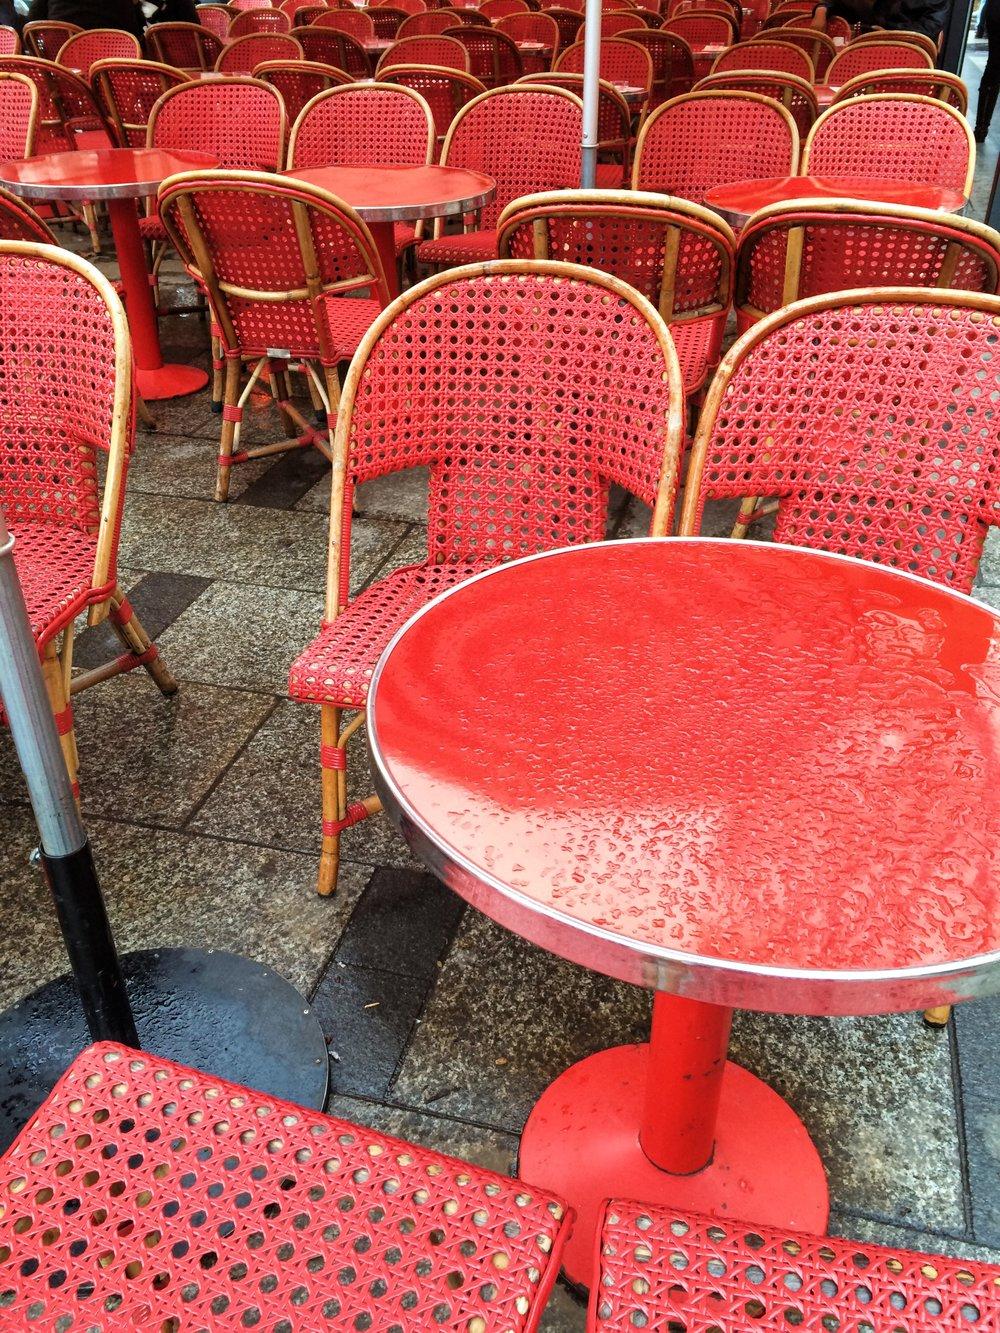 Paris | source: Alexis Rockley, Local (Tourist)